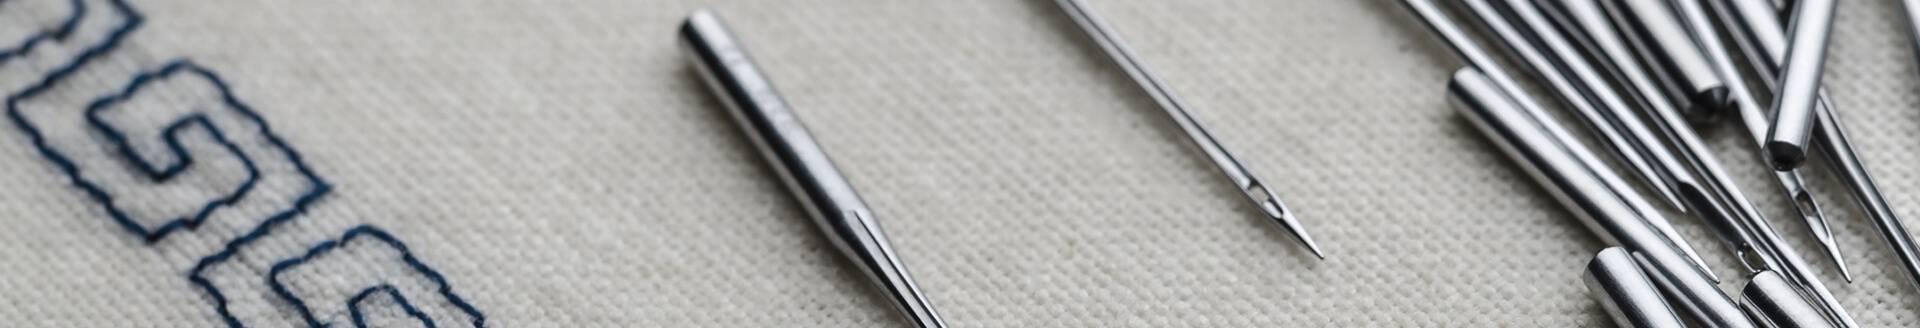 Venta de agujas para máquinas de coser domésticas: jersey, cuero, seda